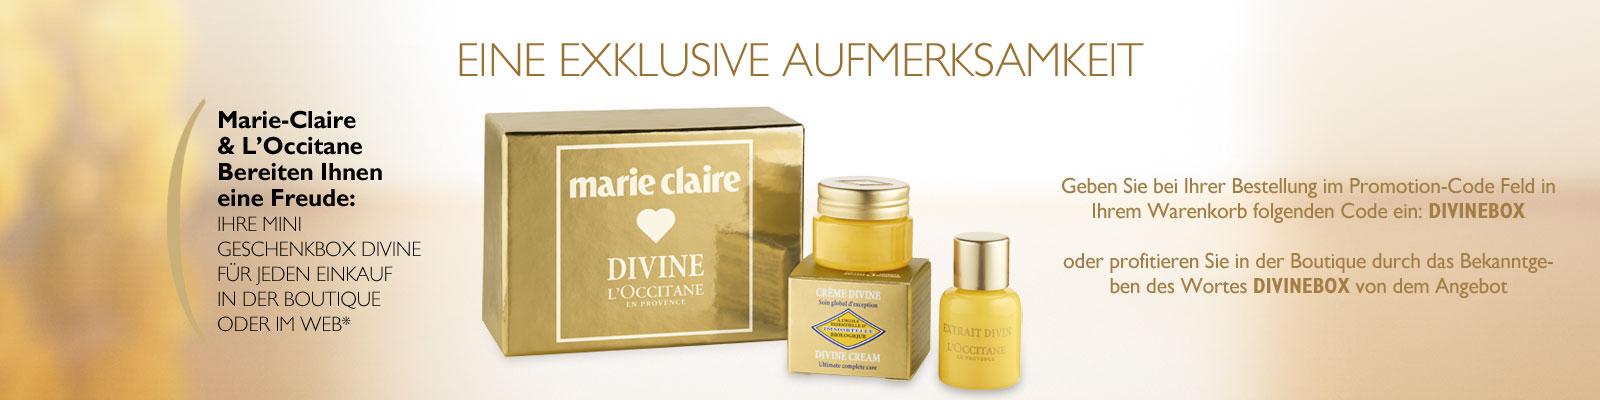 Offre Divine Marie-Claire - L'Occitane Suisse